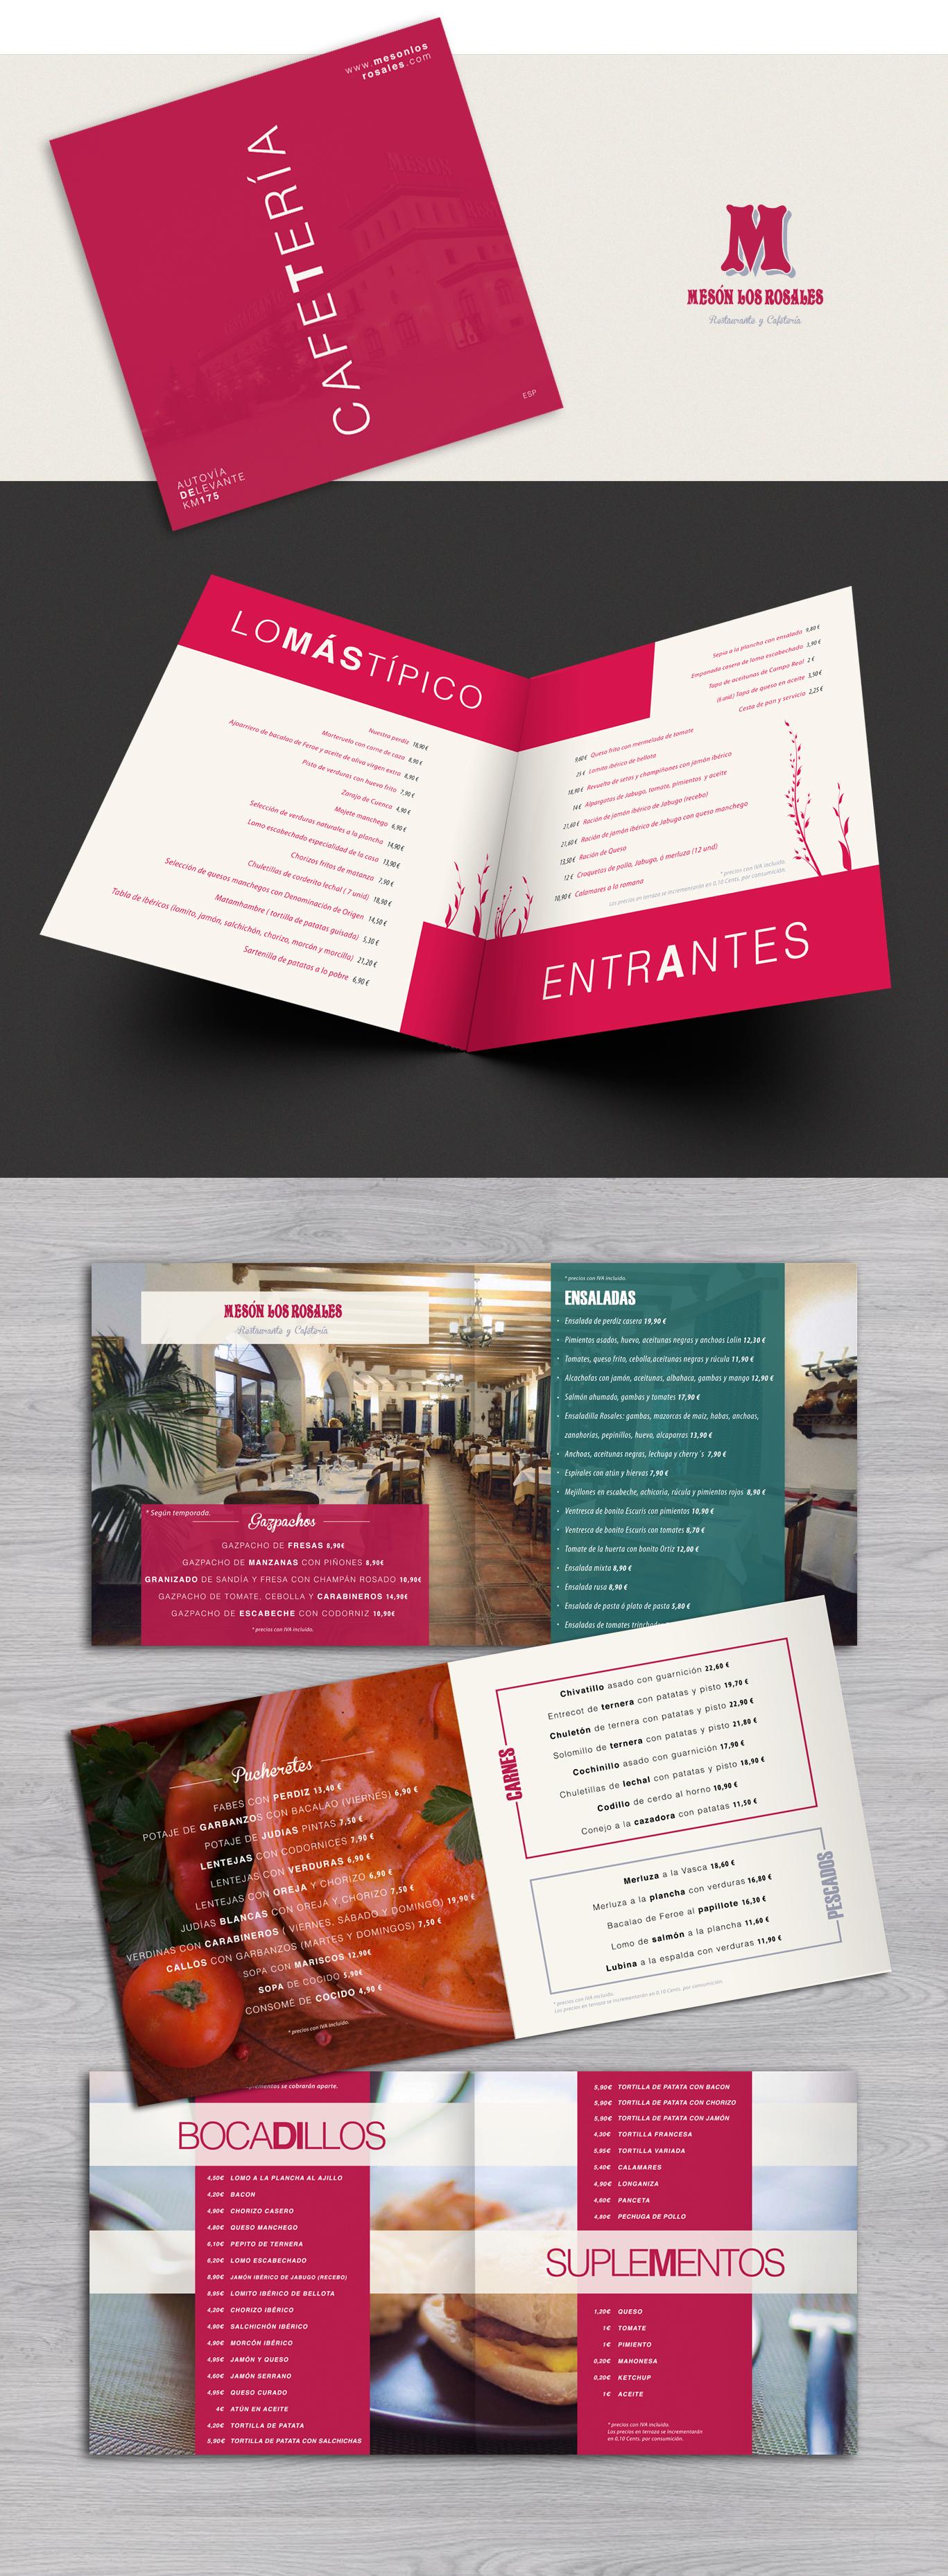 Diseño gráfico e impresión cartas cafetería Mesón Los Rosales